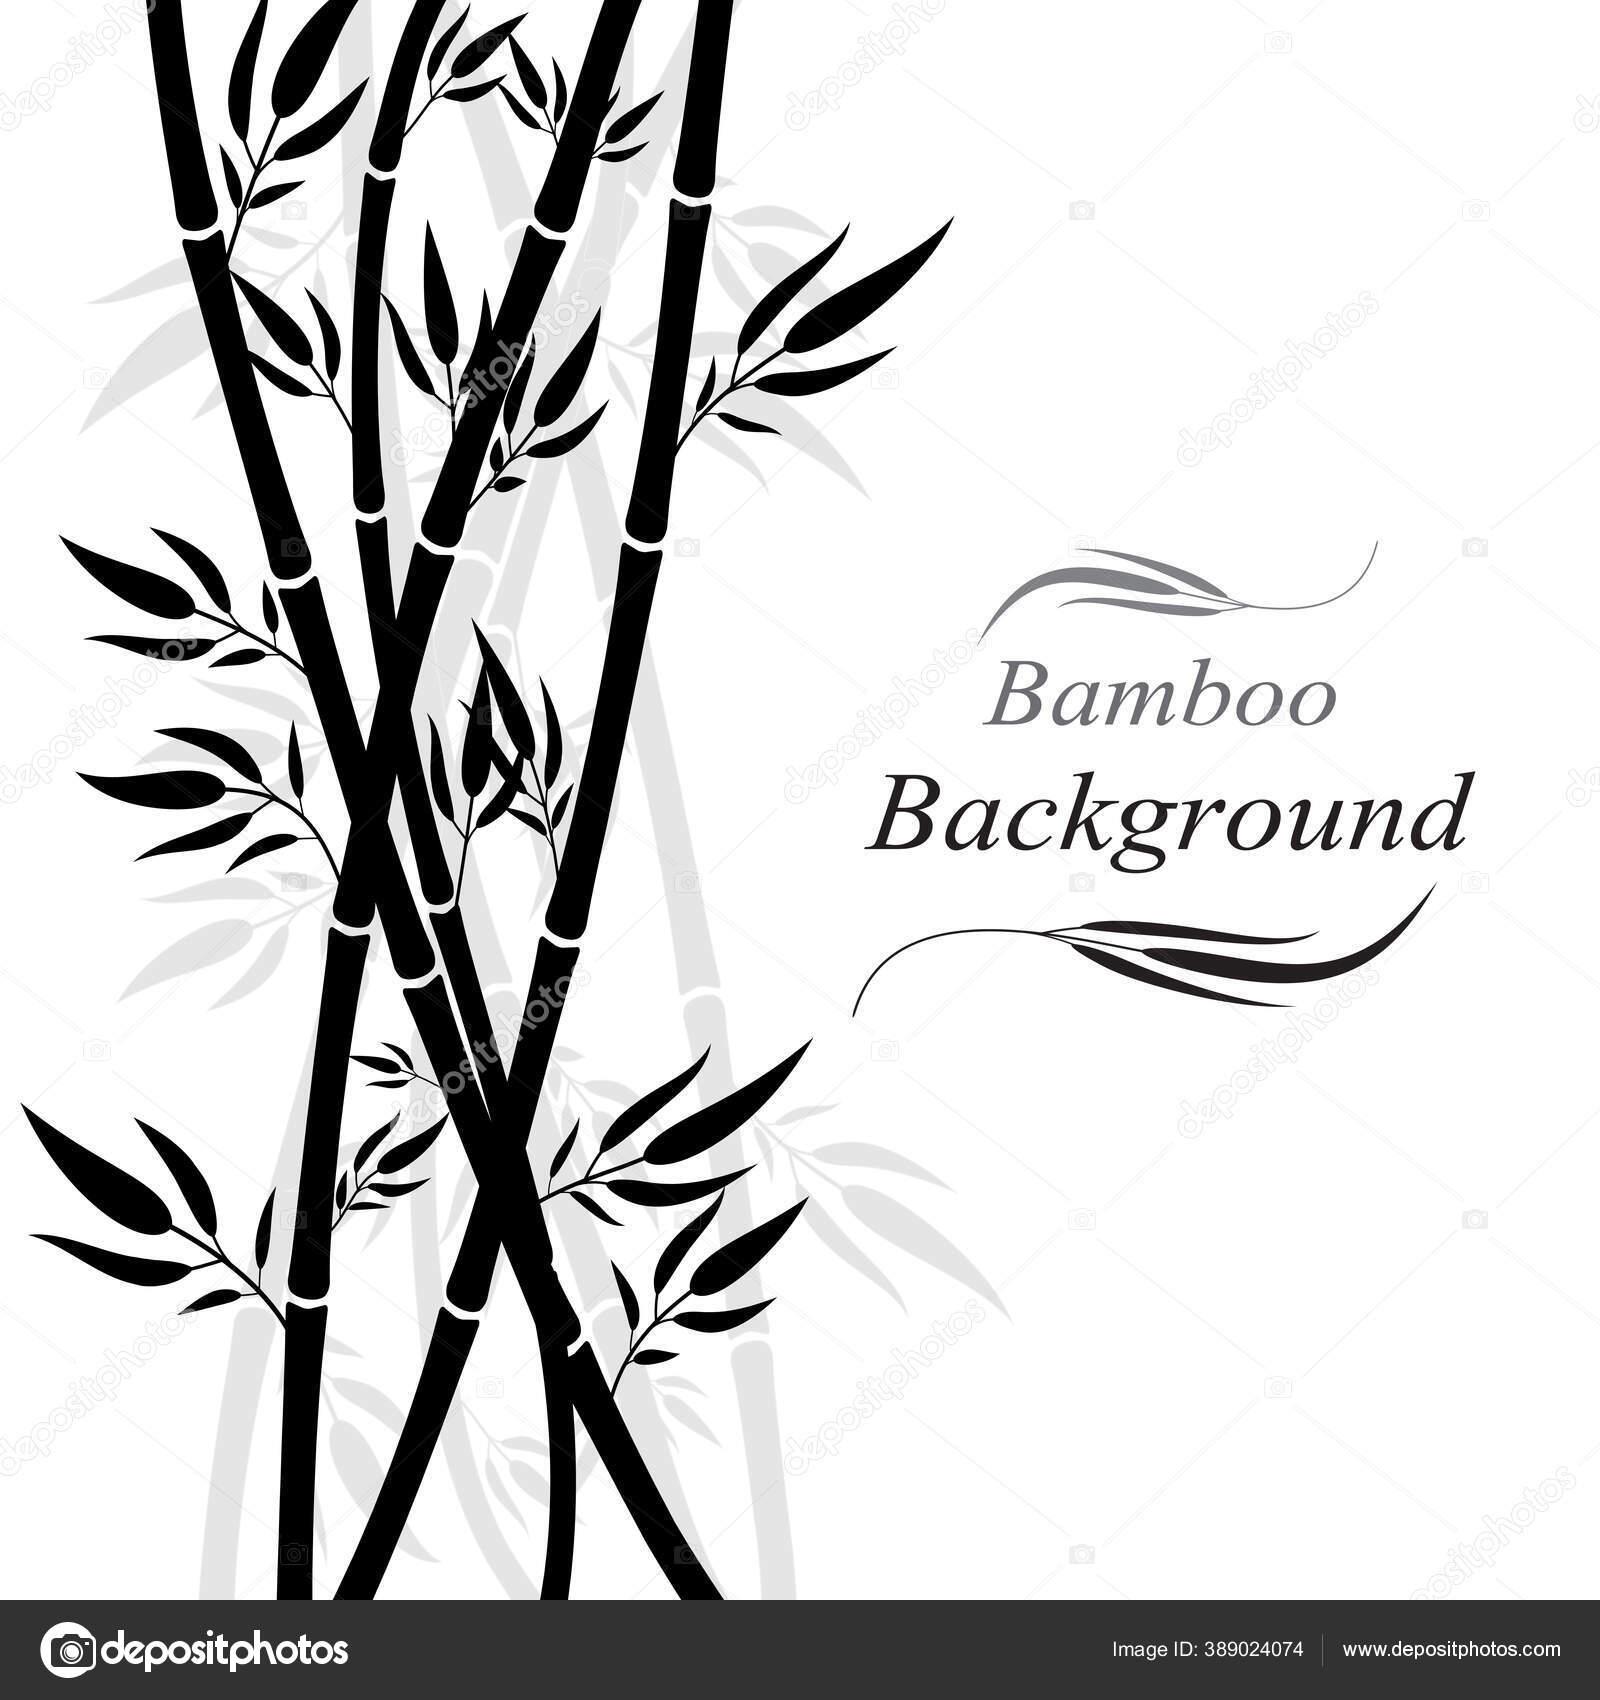 siluet rumput hutan bambu pada desain seni latar belakang putih stok vektor c lufi eak hotmail com 389024074 depositphotos